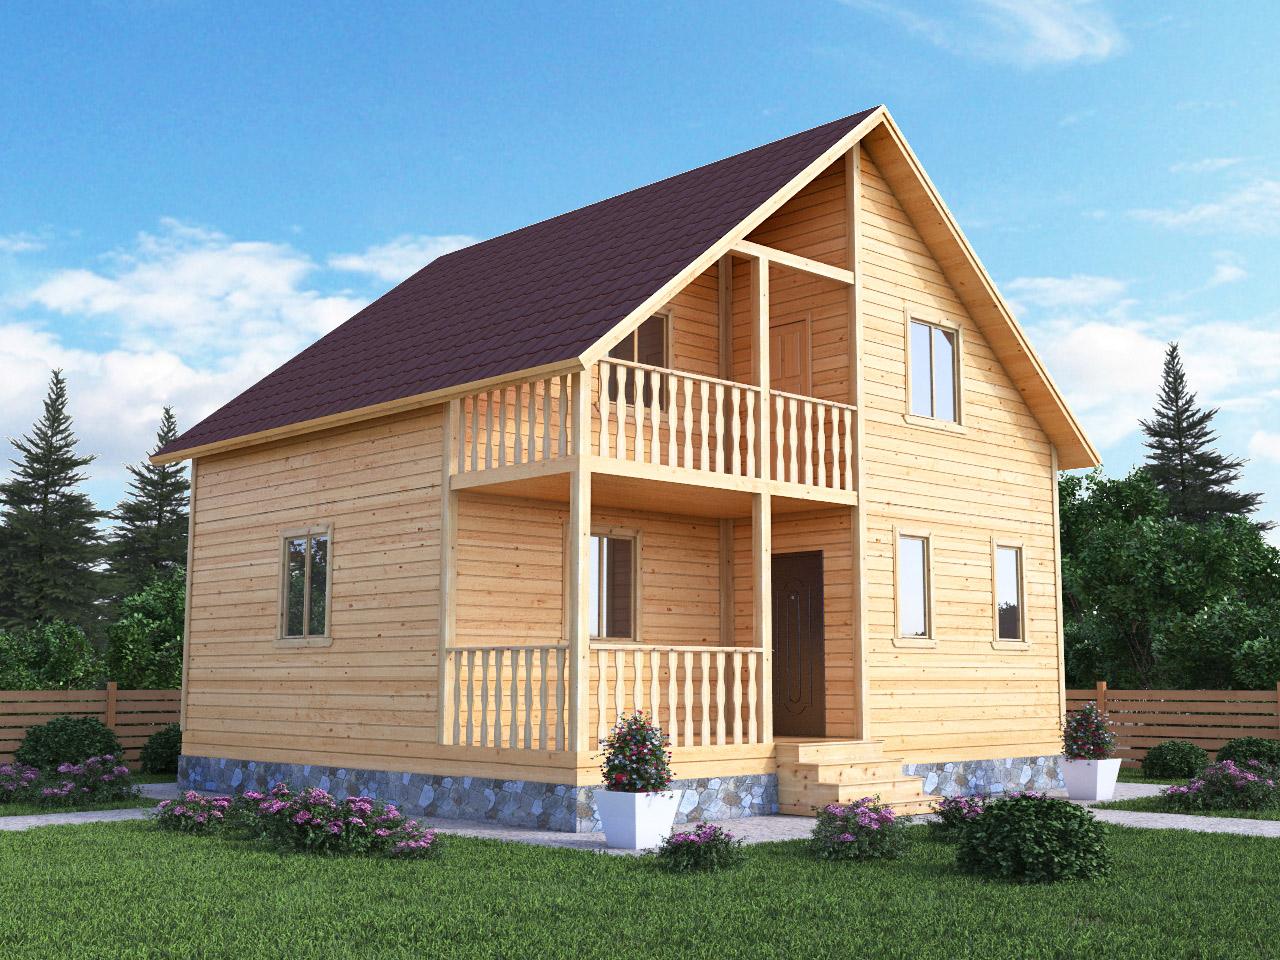 Полутораэтажный дом из бруса 8 на 7,5 с террасой, балконом и кукушкой